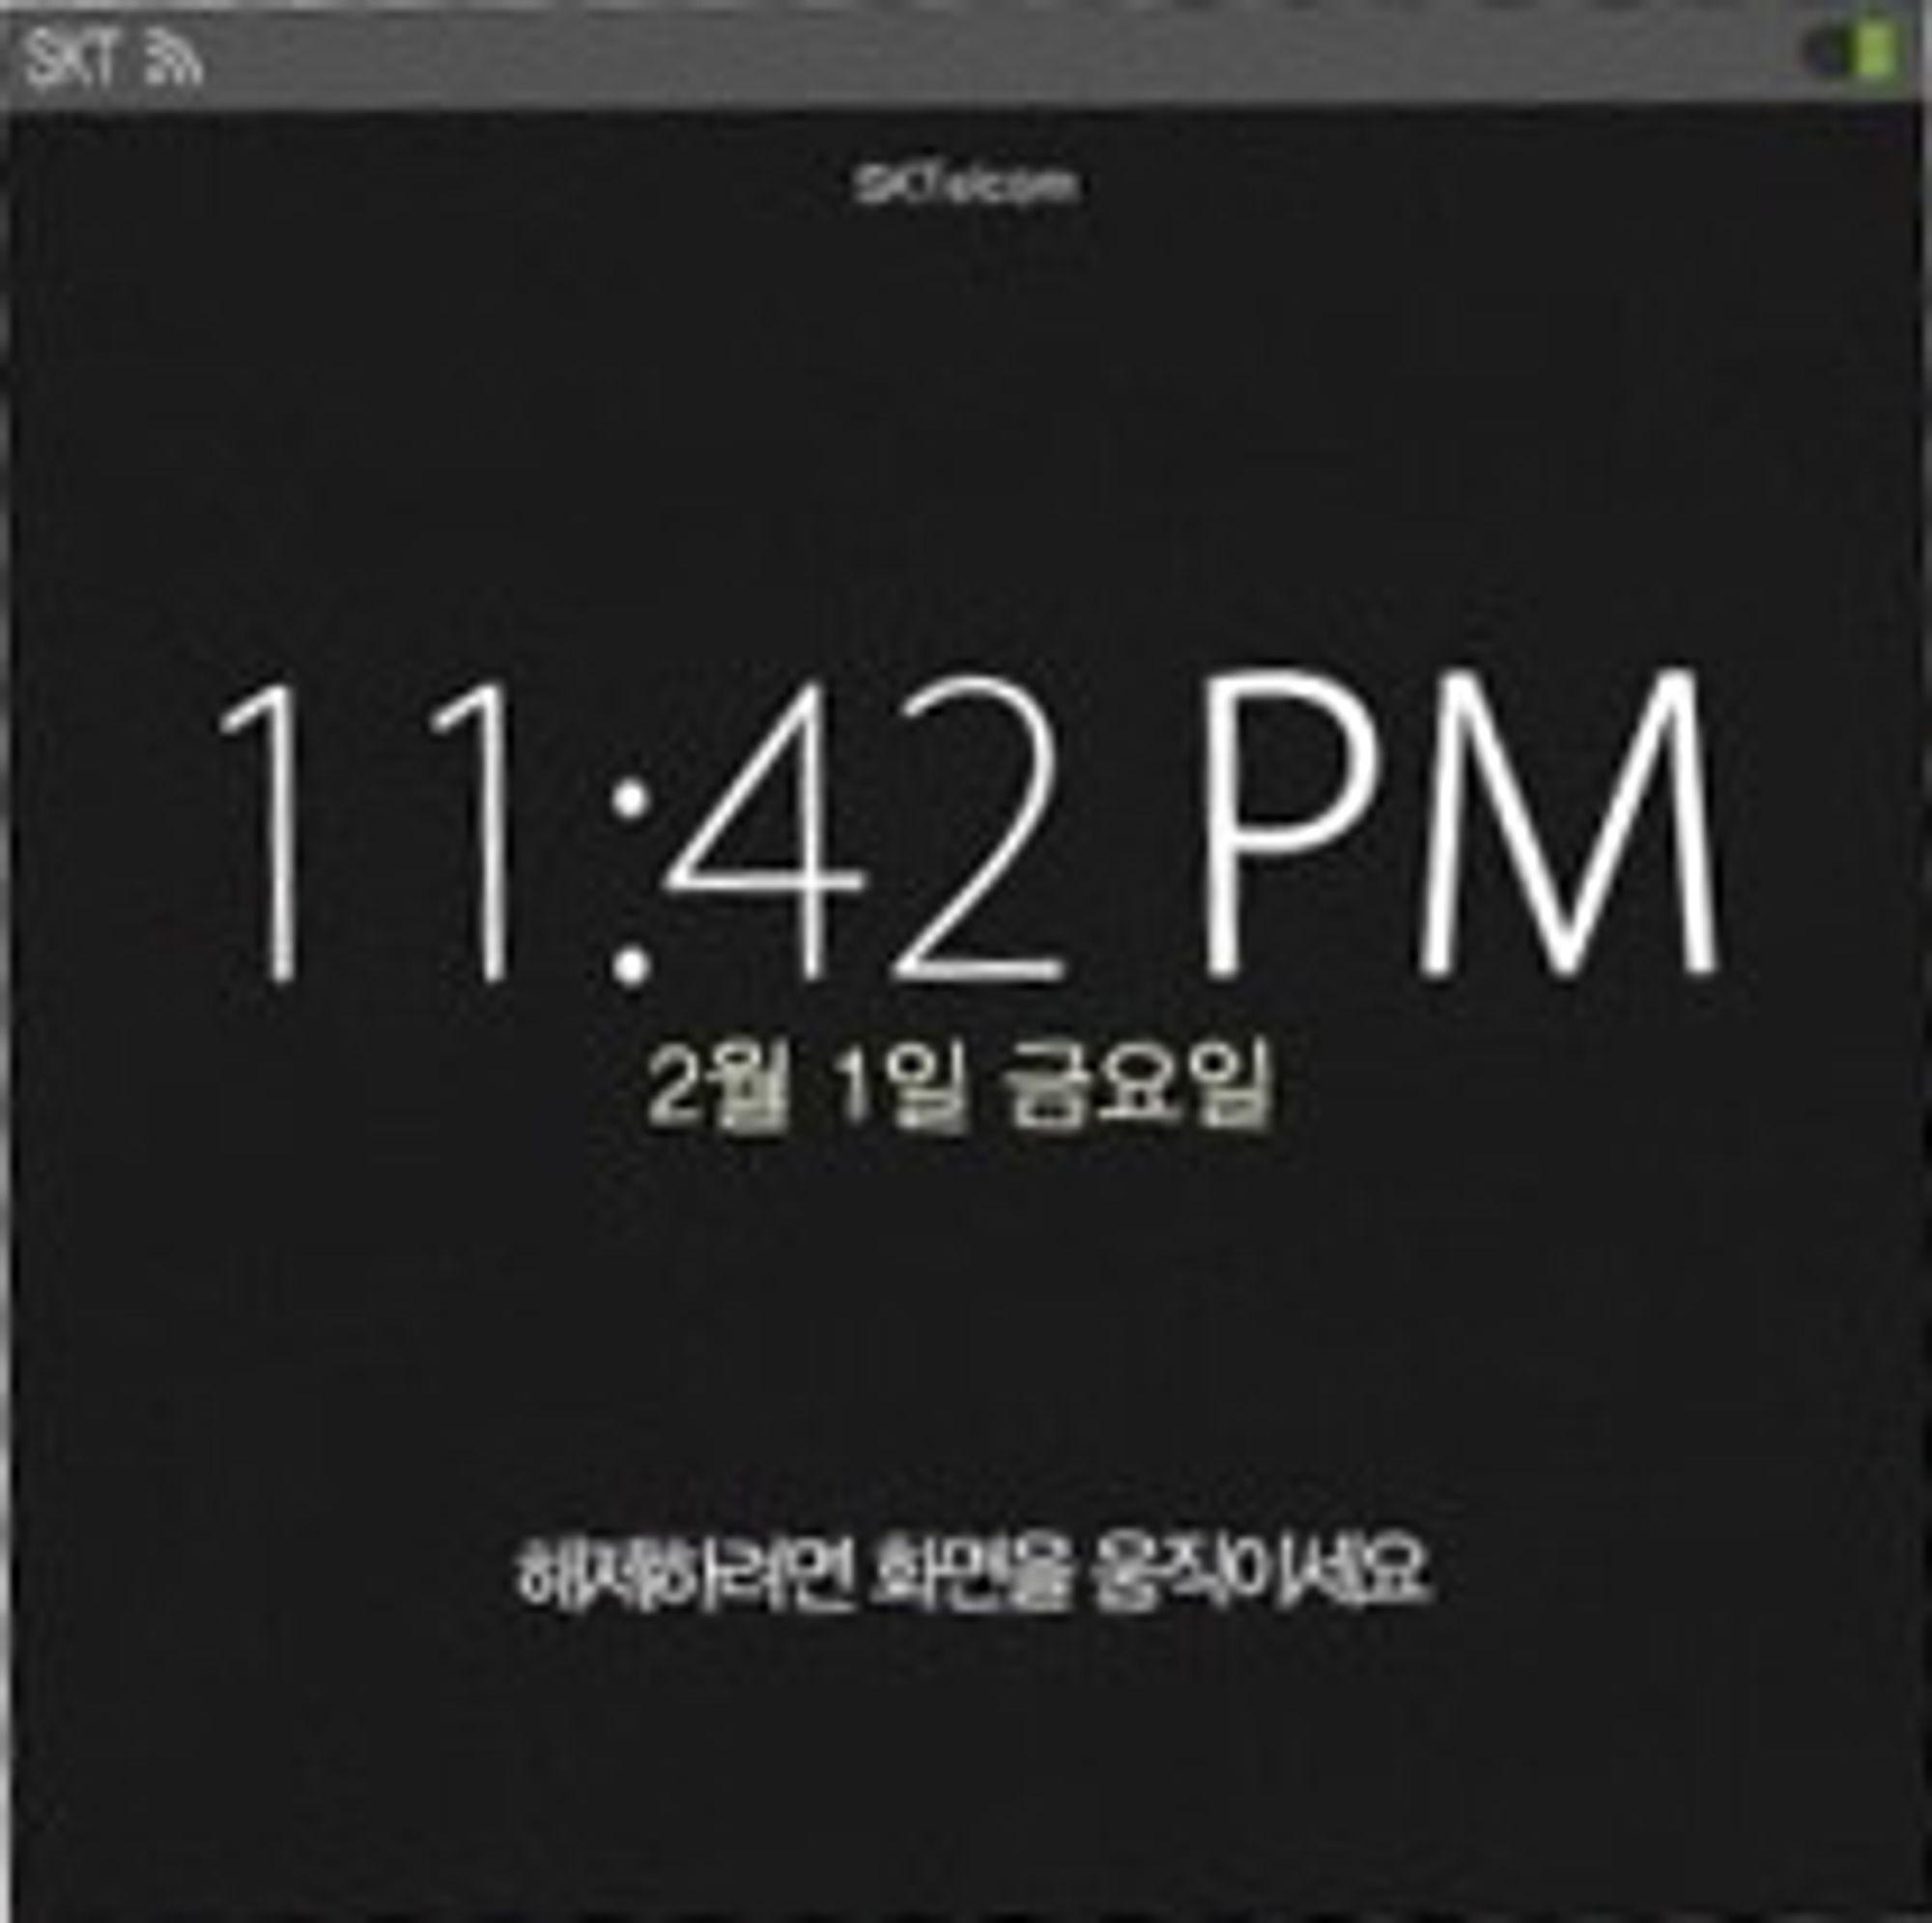 Samsung på armen: Altius kan bli navnet på Samsungs digitale armbåndsur. Med Bluetooth forbindelse til mobiltelefonen kan det overa mange av oppgavene. Her kan man lese meldinger og styre musikk og kanskje få em masse helseinforasjon i tillegg.